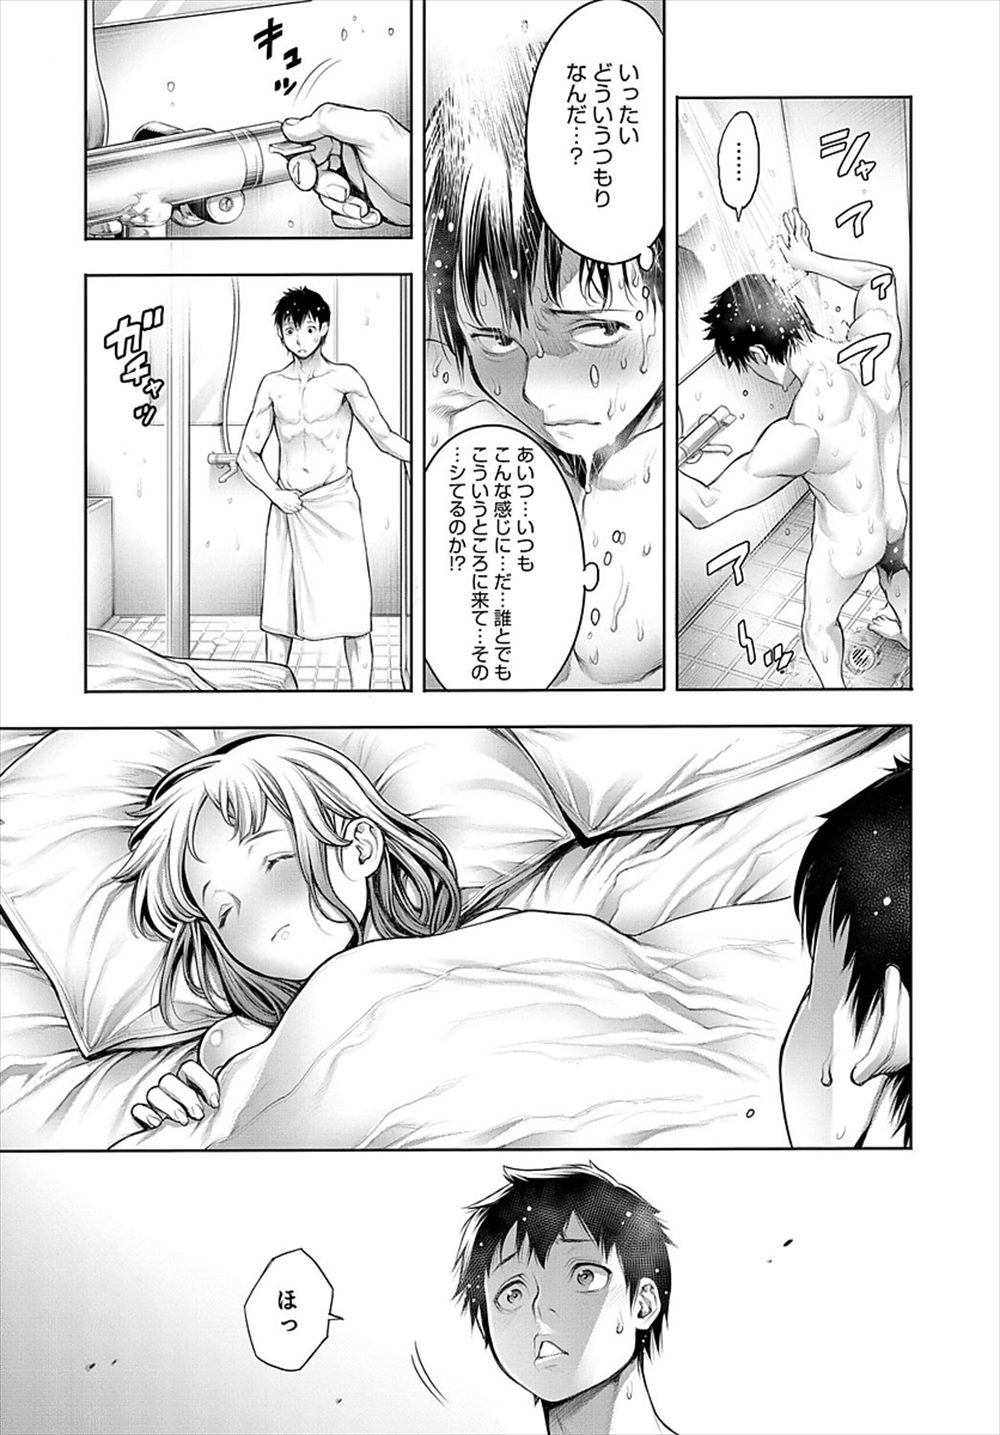 【エロ漫画】ヘナチンにドン引きする二人…手コキ3p乱交生中出しww【おかゆさん:オタくんとギャル子ちゃん】